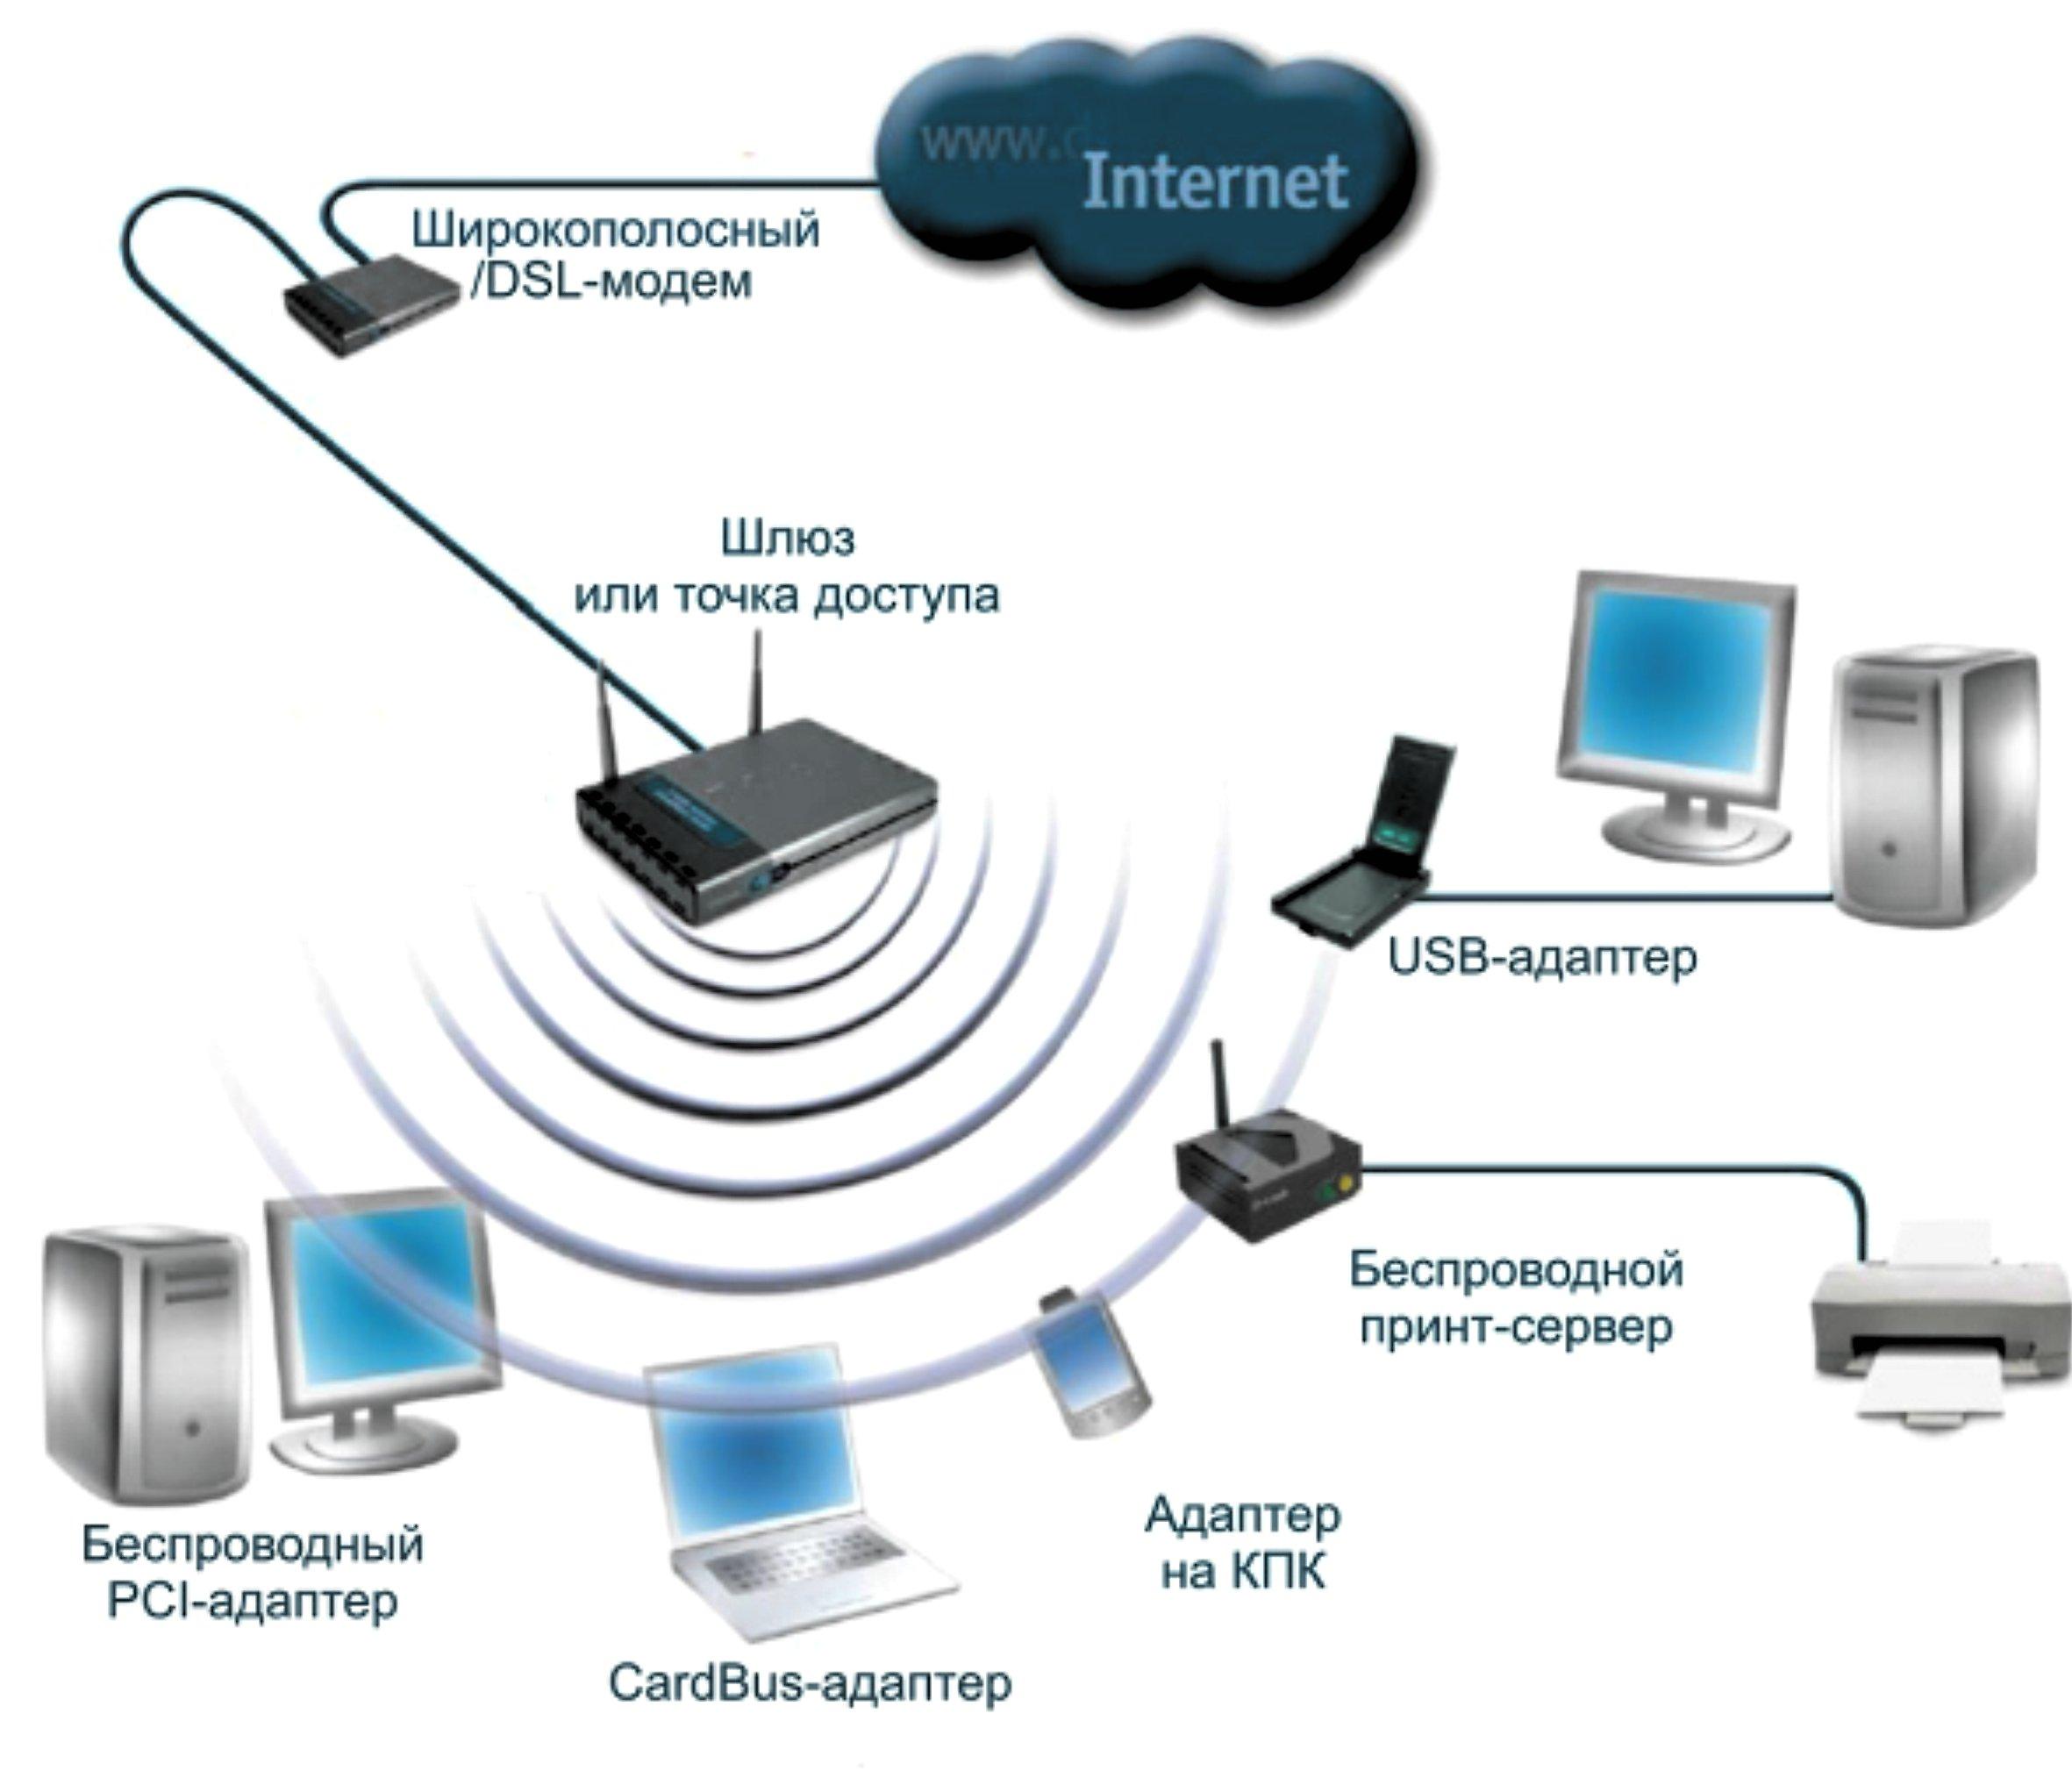 Беспроводная сеть – что это такое? Инструкция к применению